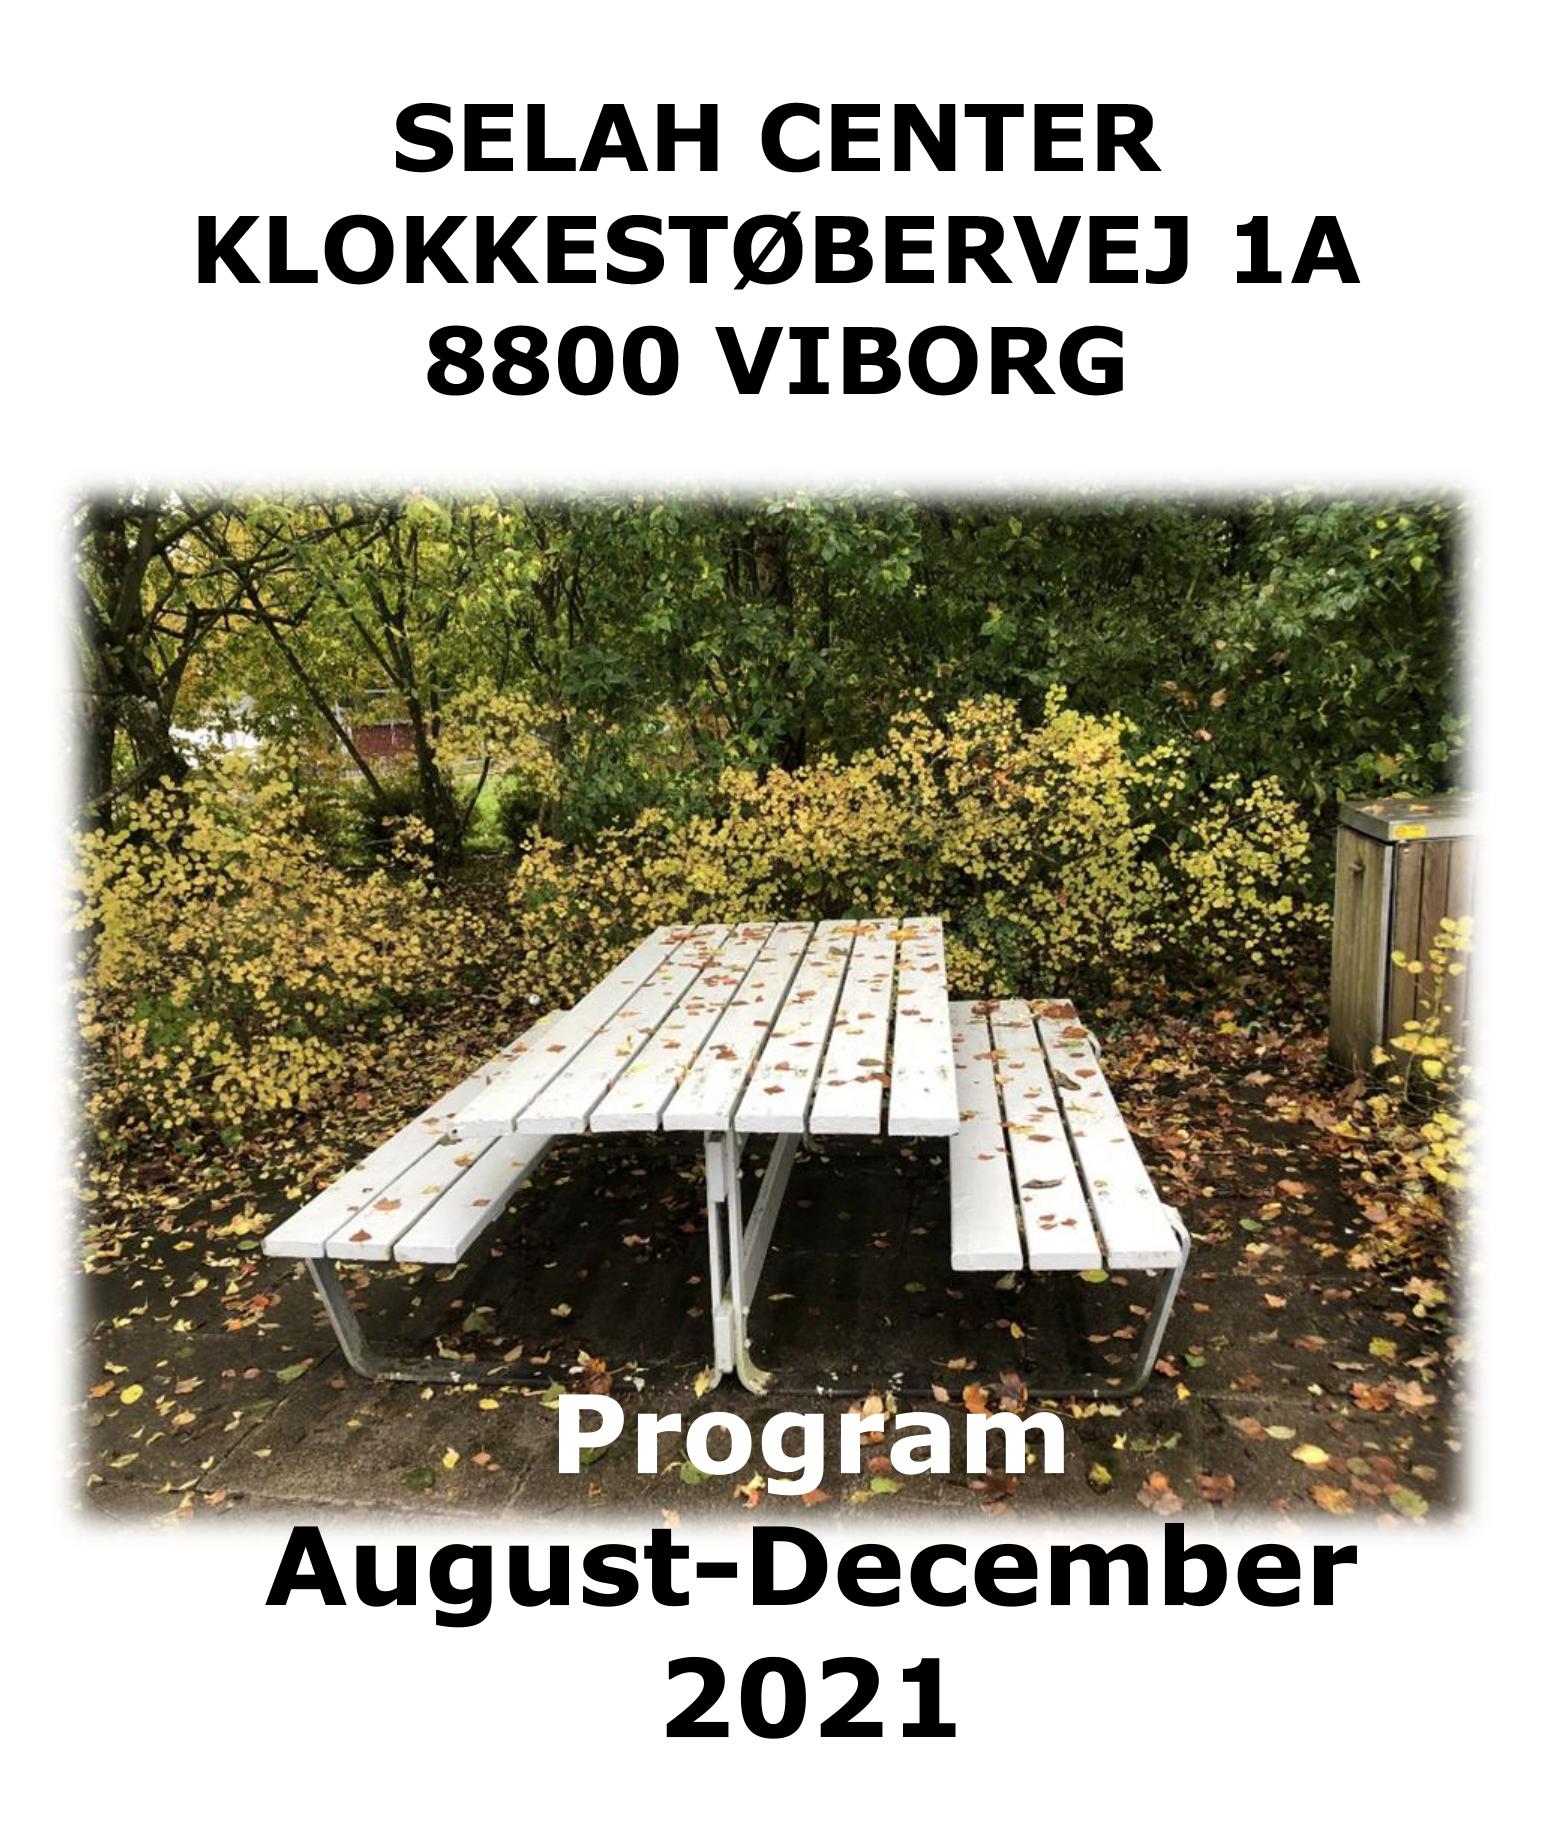 Program for fall 2021